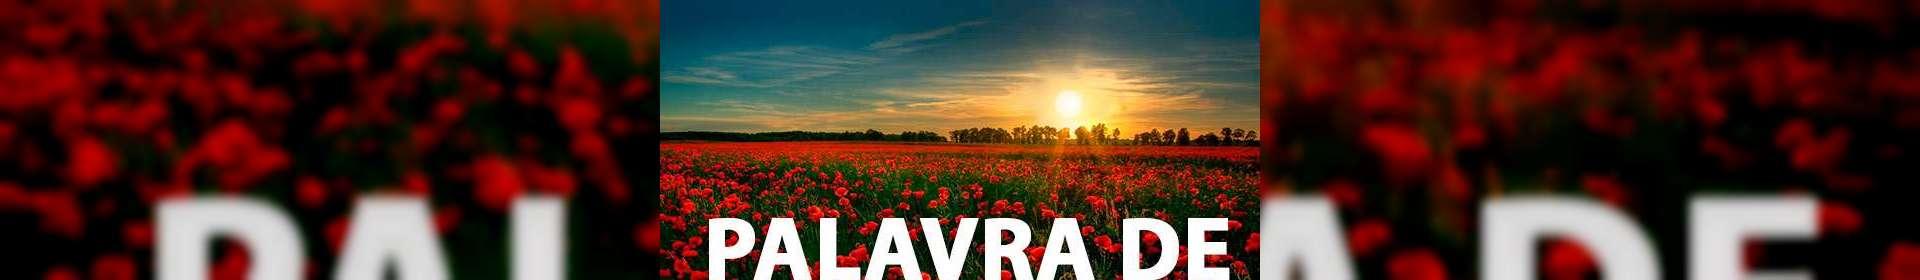 Salmos 100:1-5 - Uma Palavra de Esperança para sua vida